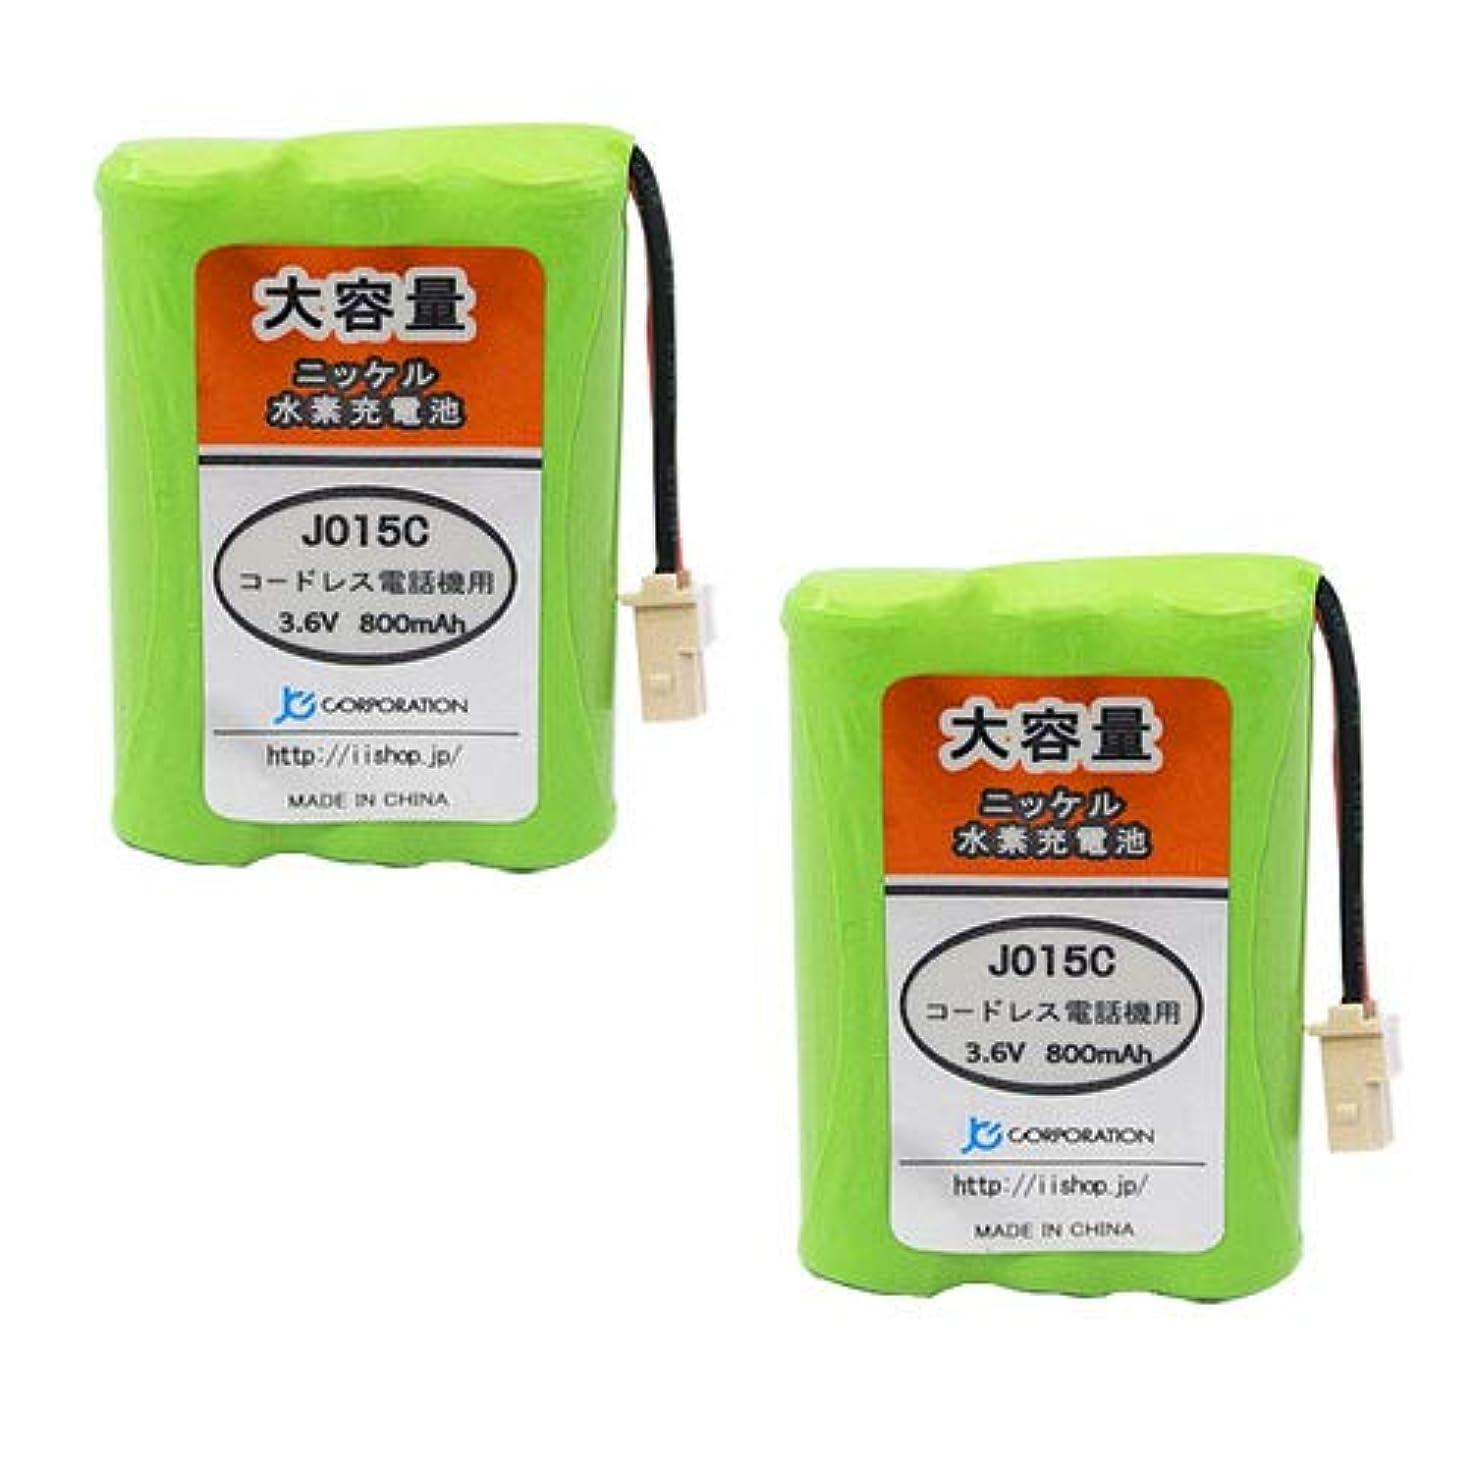 正しく無駄だ成長する【JC】 2個セット SANYO/サンヨー NTL-200/TEL-BT200 対応 コードレス 子機用 互換充電池 【J015C】 SFX-DW71 SFX-DT71 対応